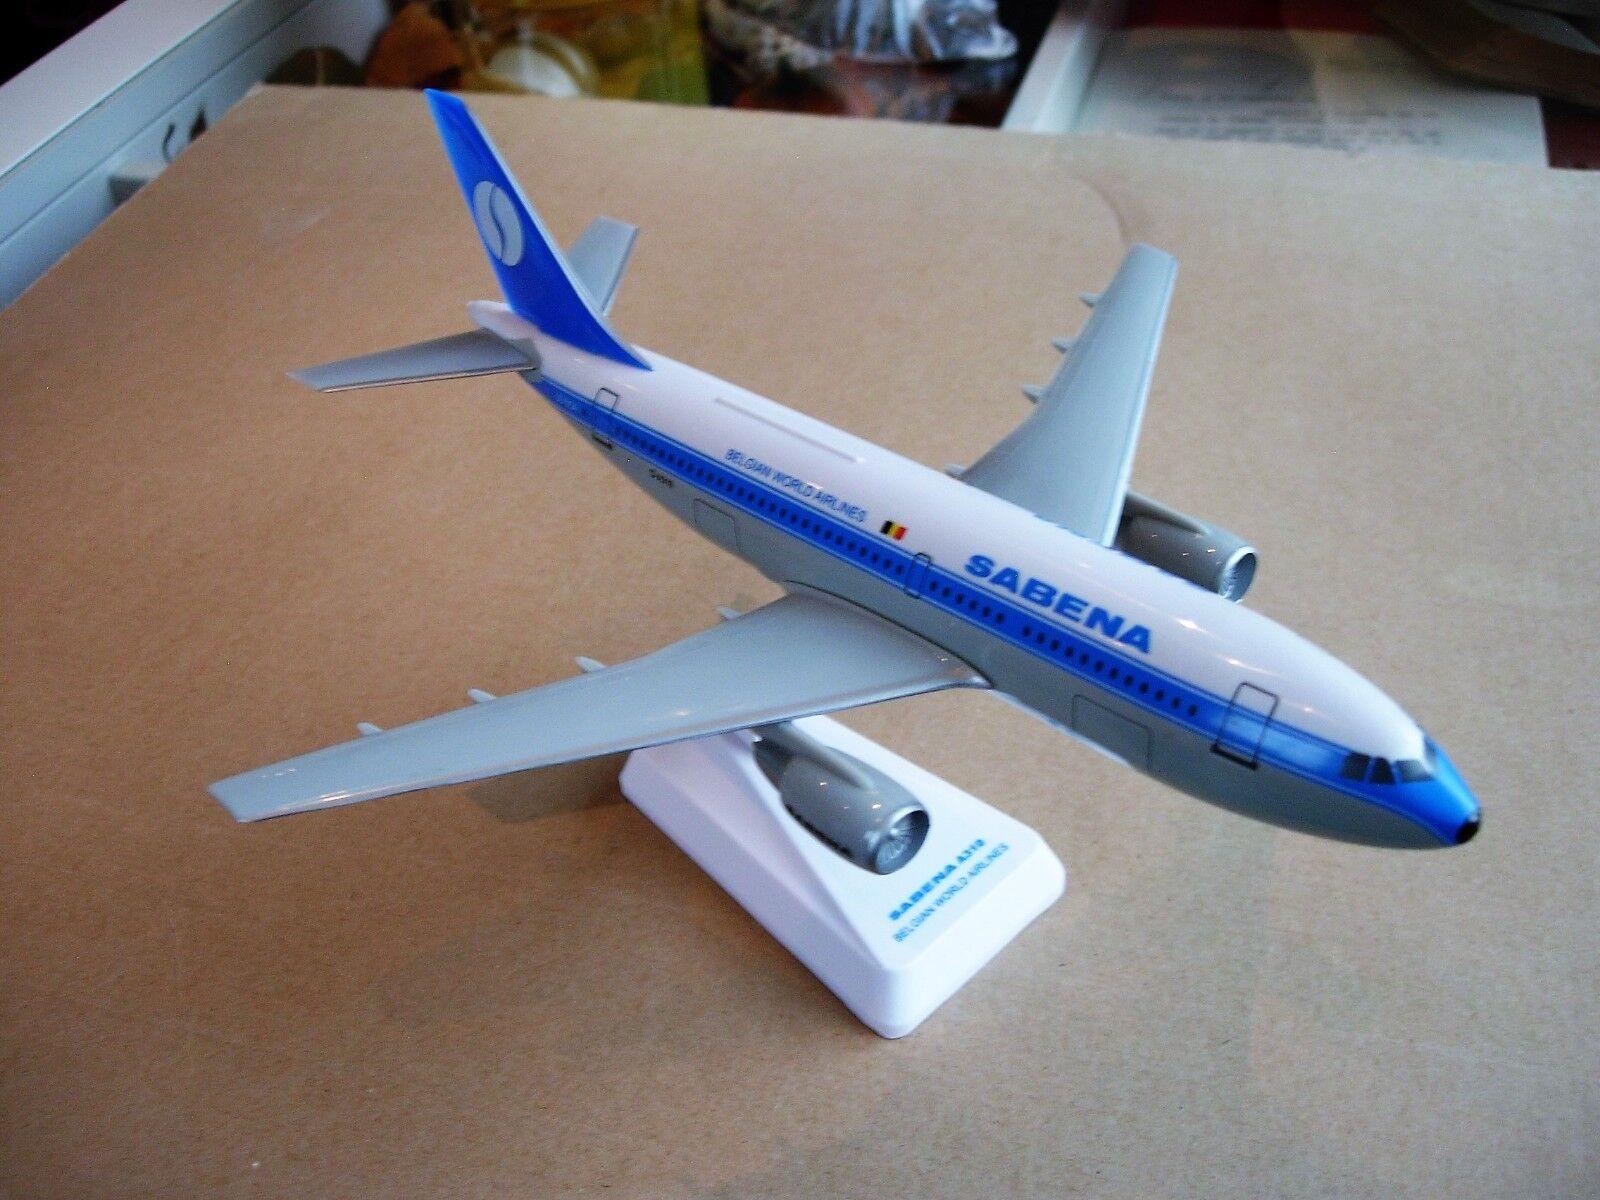 Sabena miniatuurvliegtuig Airbus A310 schaal 1/200 met originele doos. L: 25cm